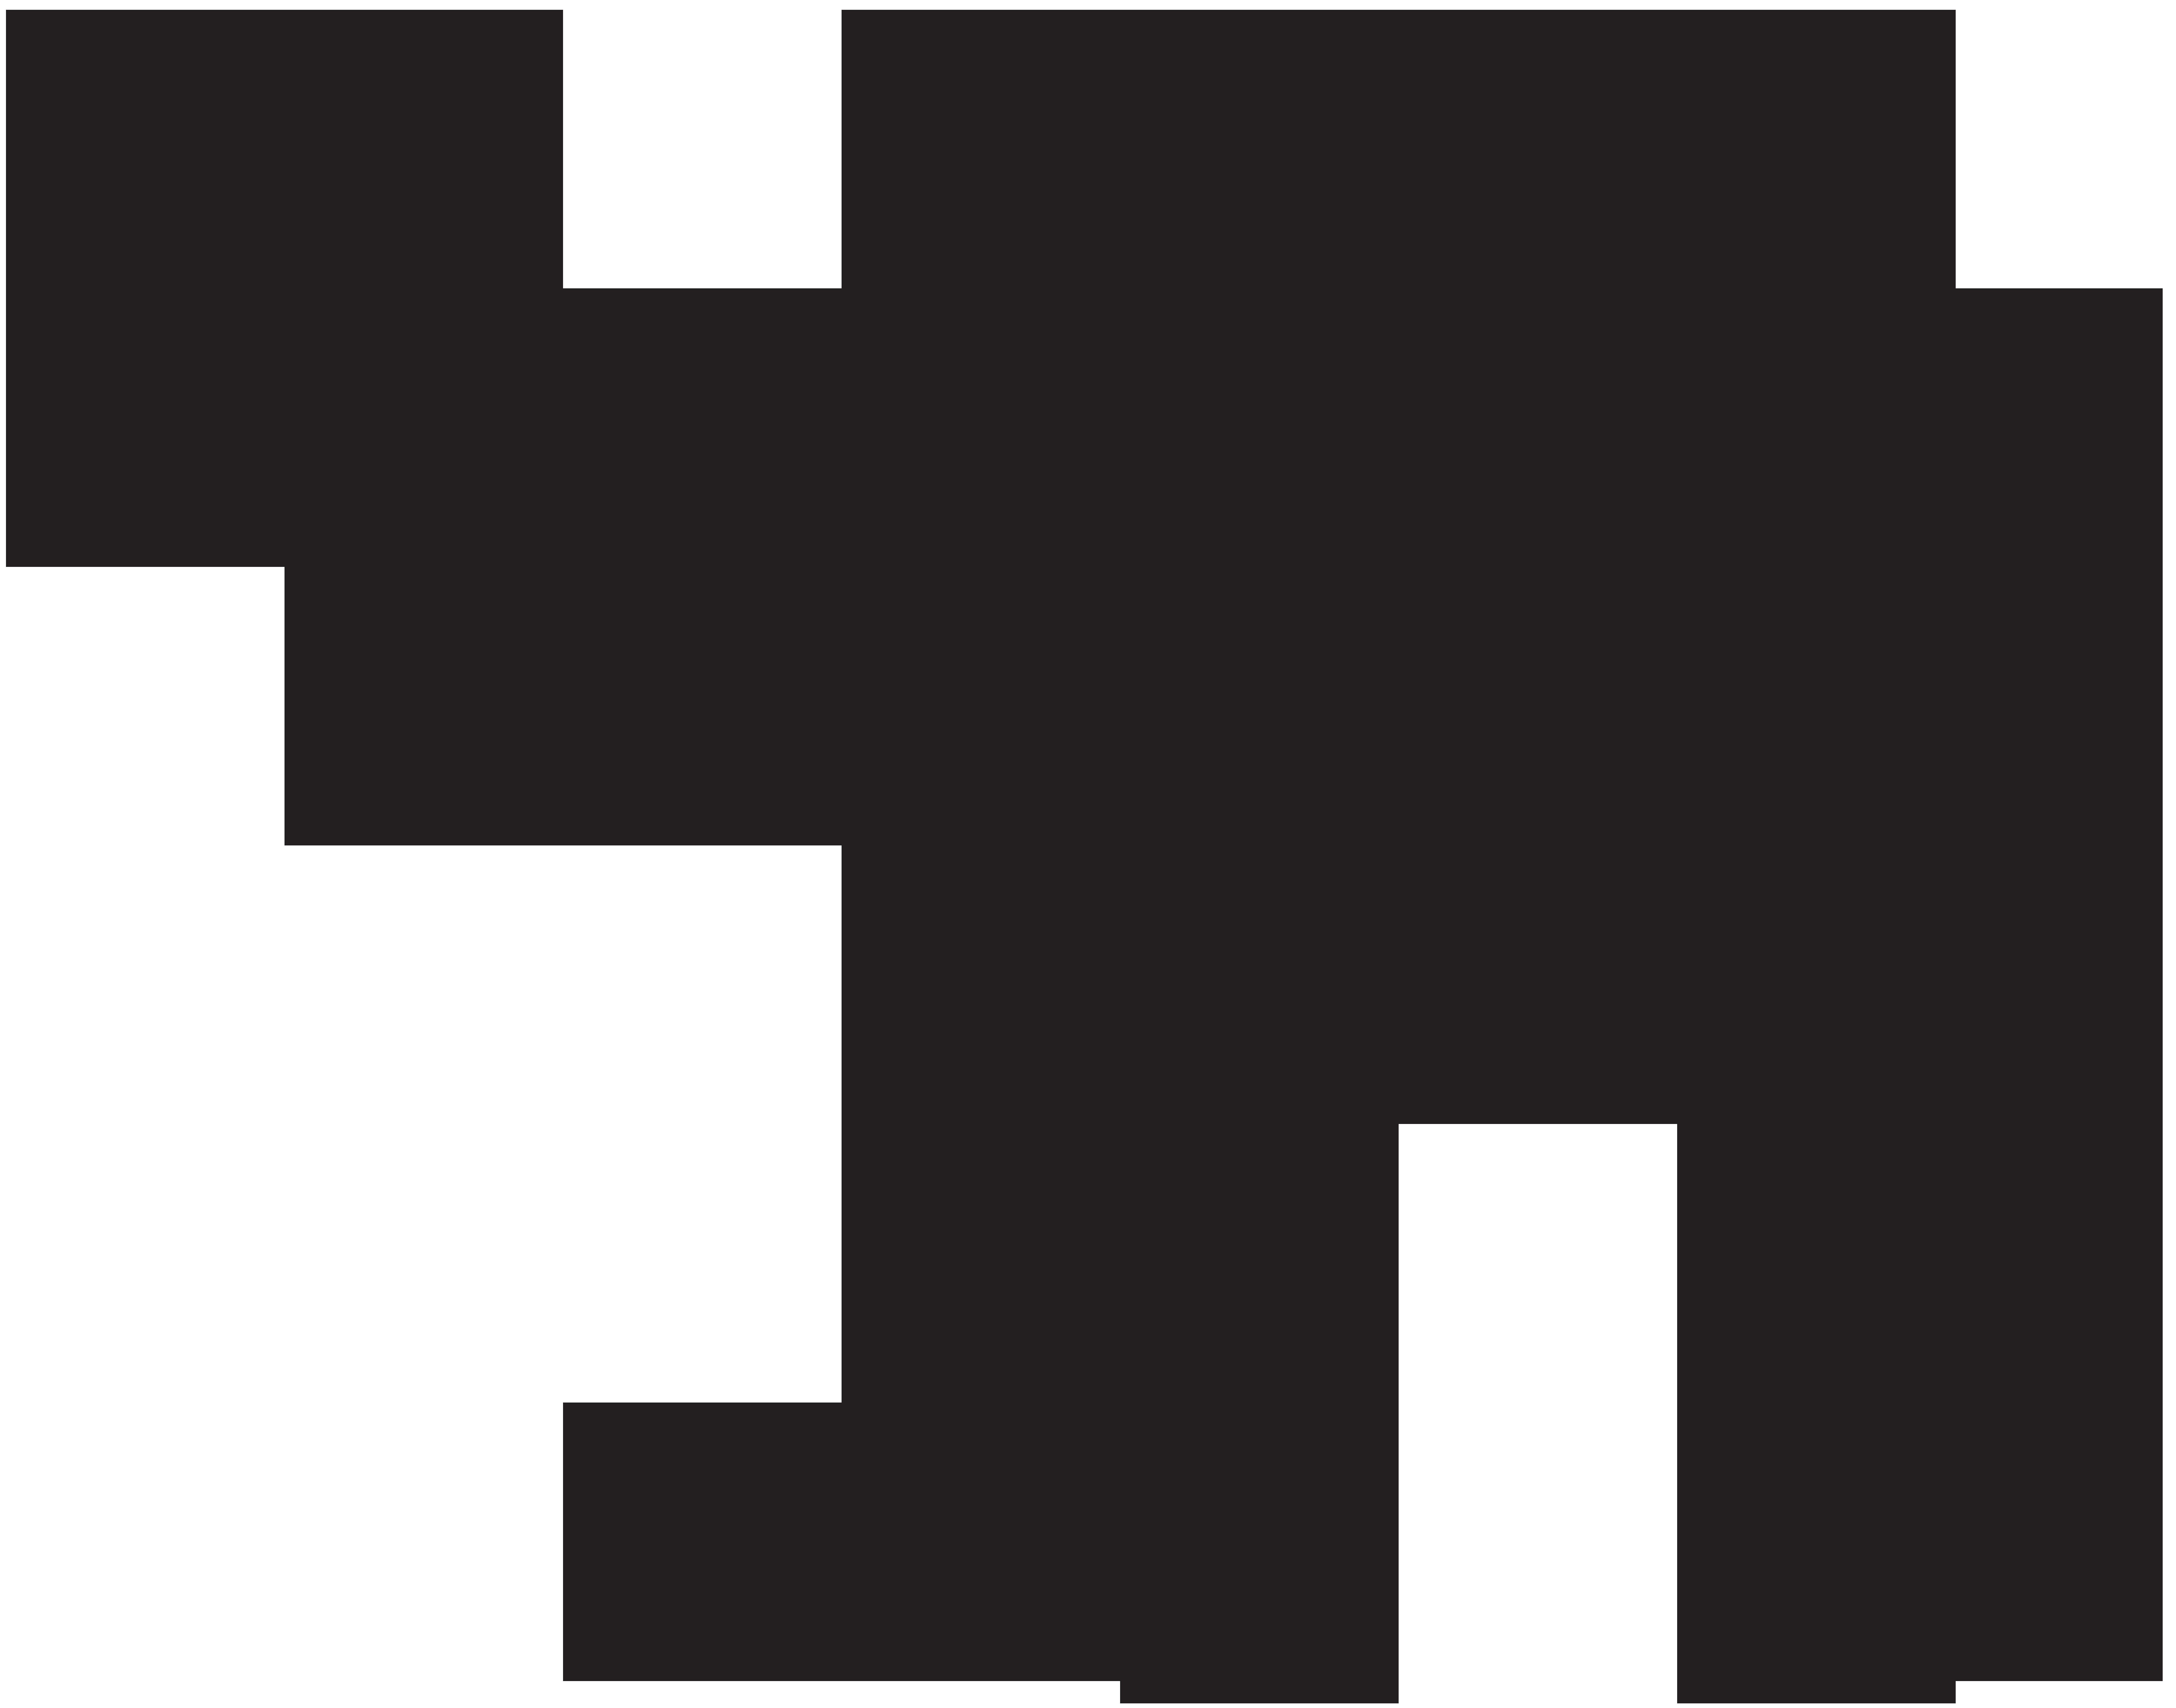 Camel Silhouette Transparent PNG Clip Art.